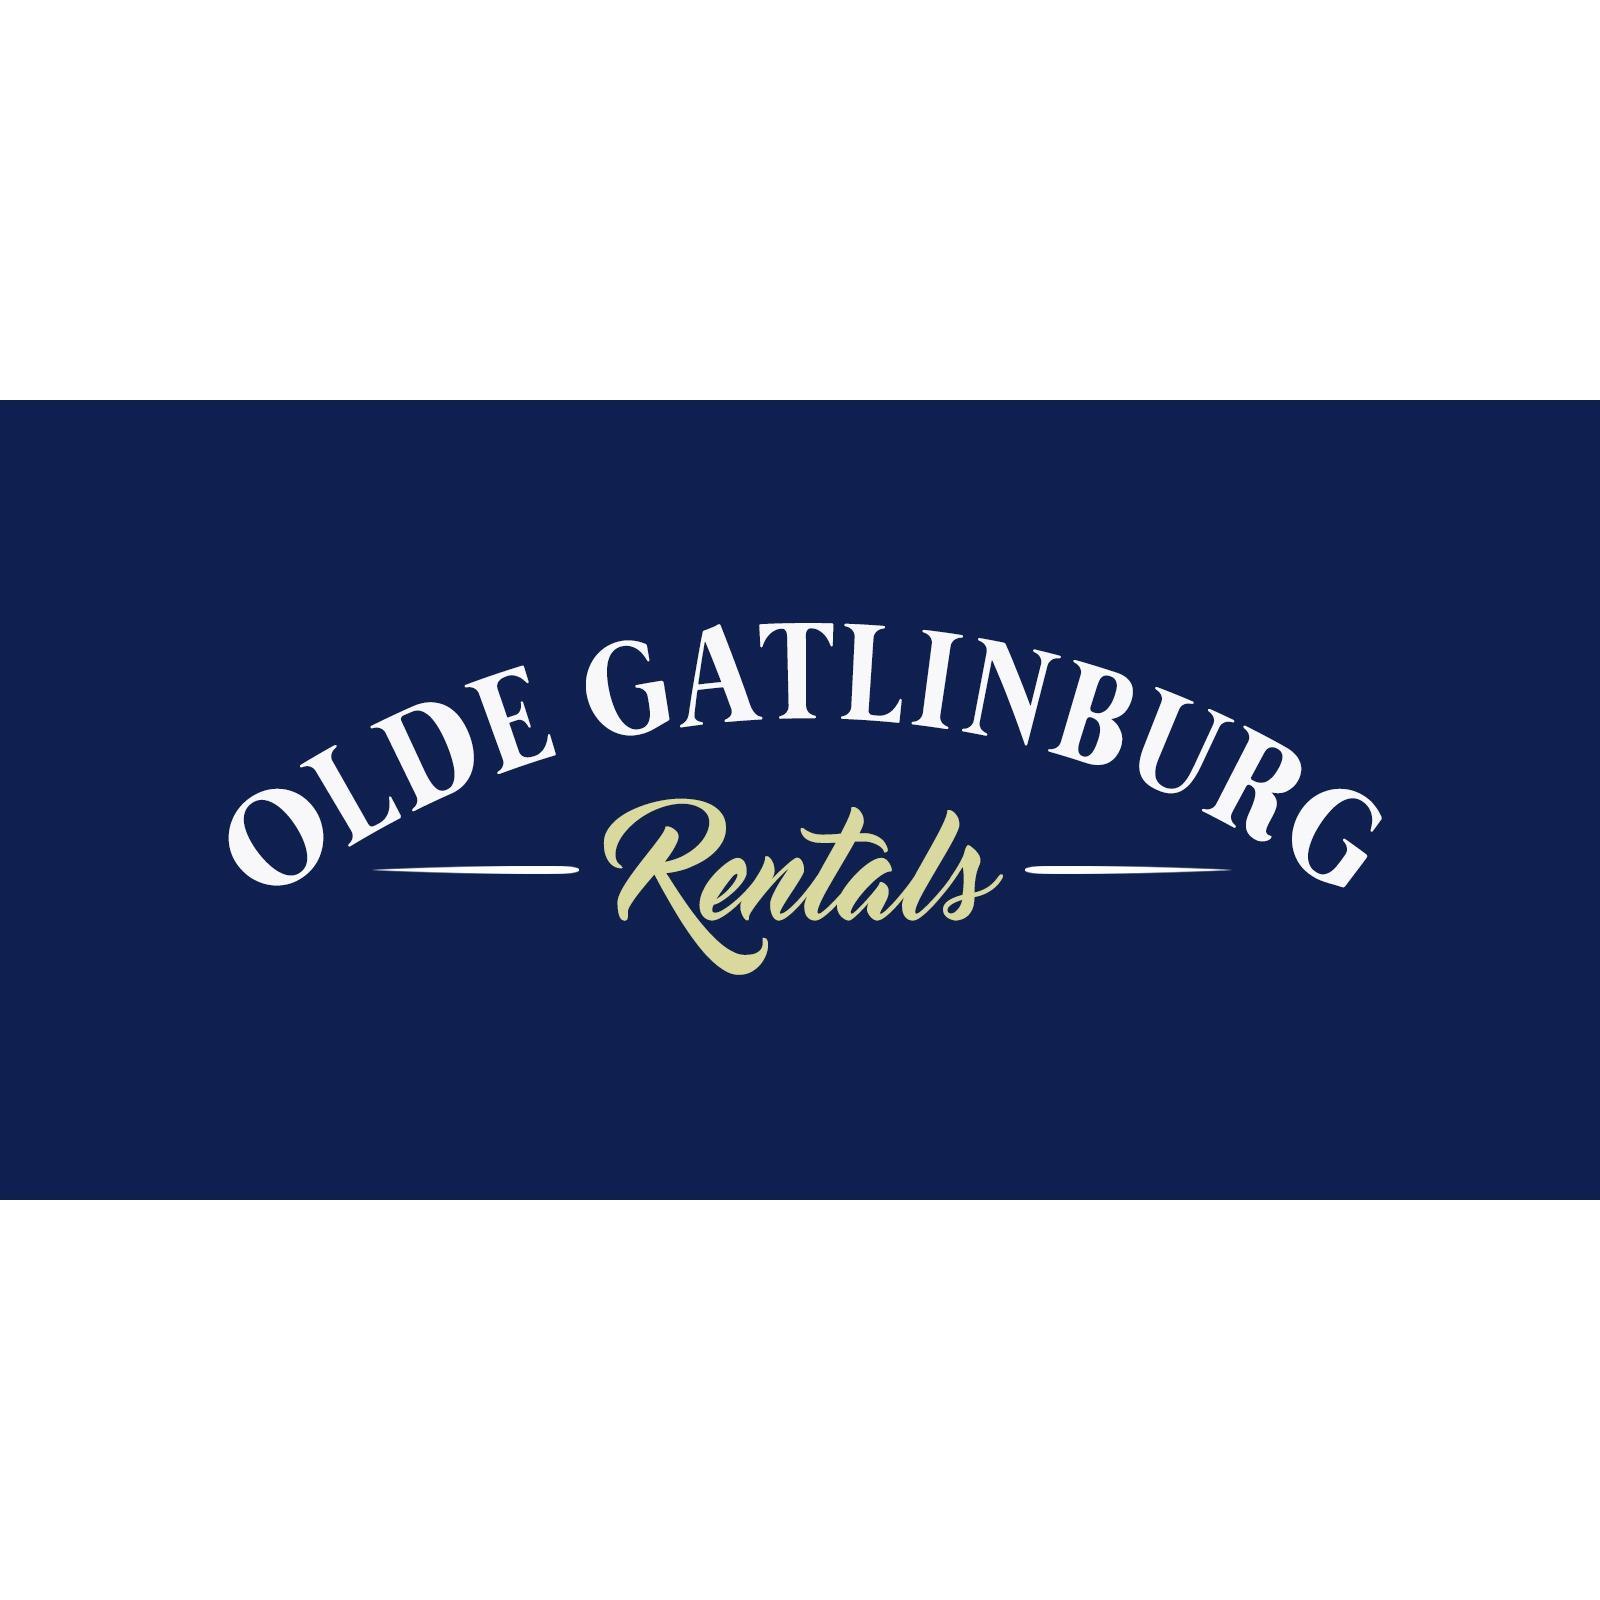 Olde Gatlinburg Rentals - Gatlinburg, TN 37738 - (865)430-3700 | ShowMeLocal.com